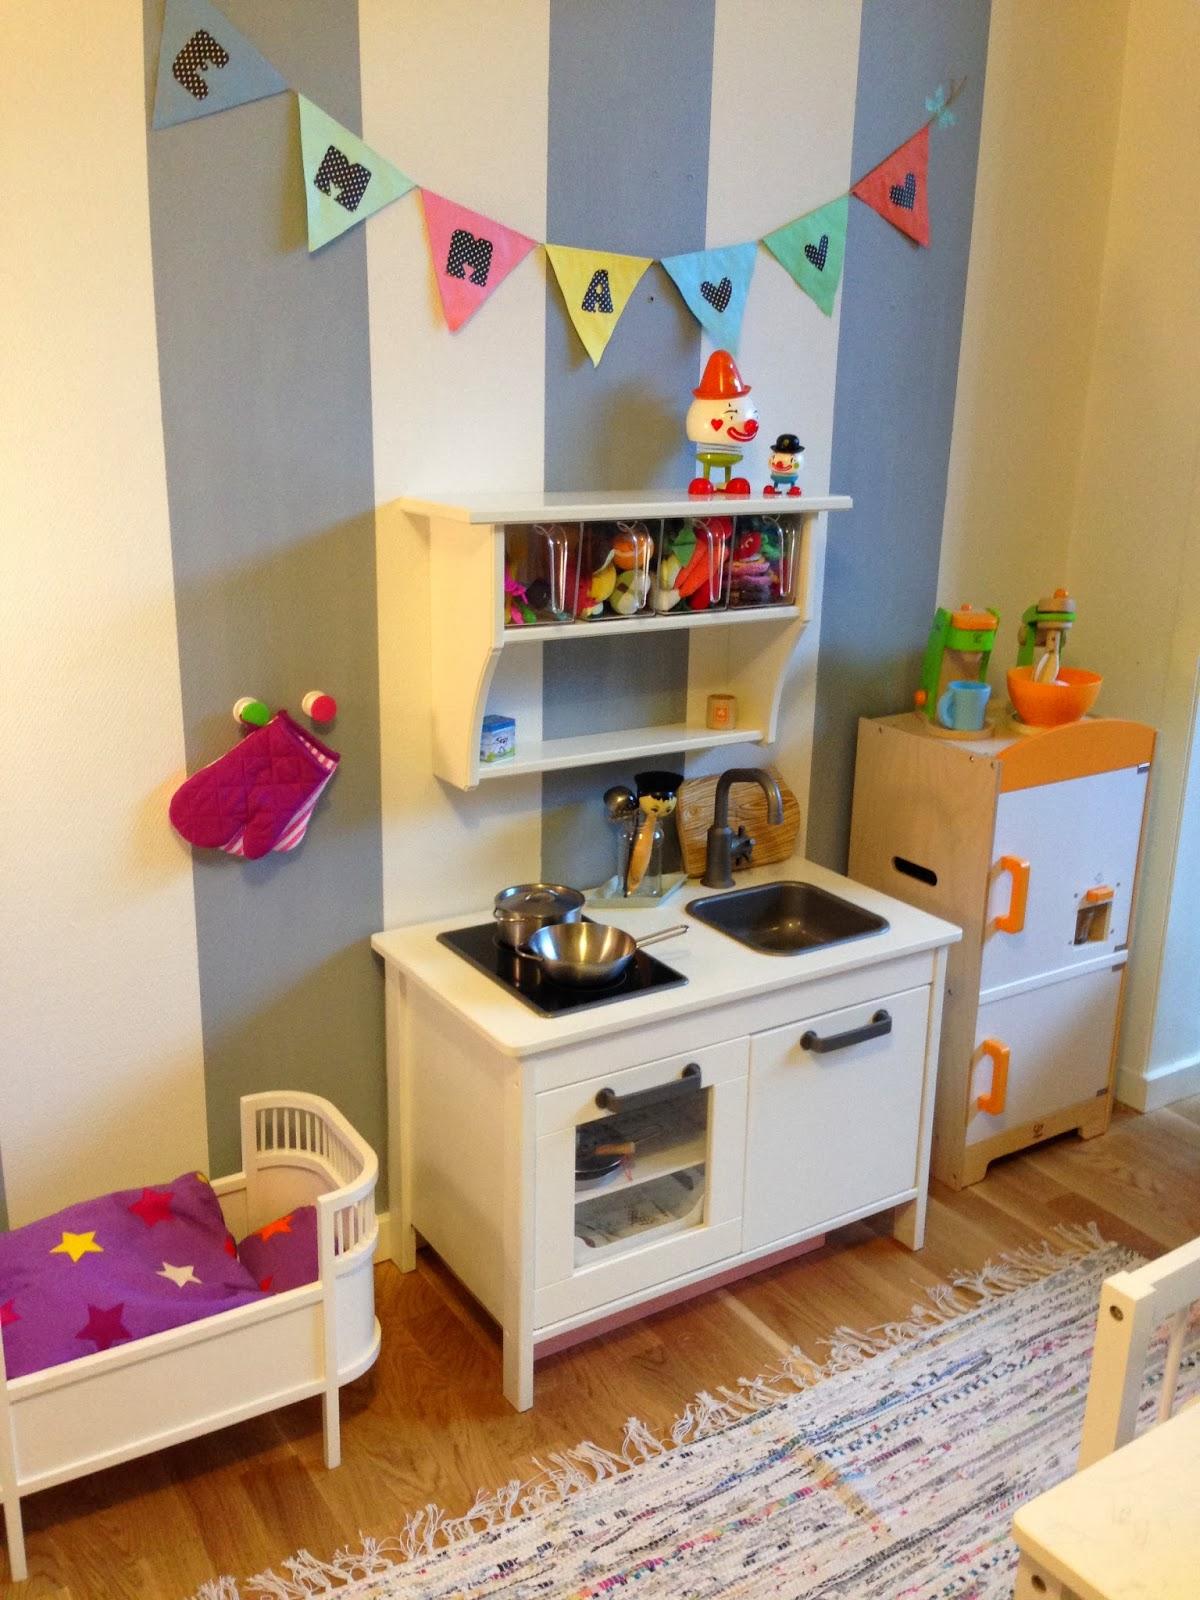 fru n hr 39 s krea kaos lille e 39 s store v relse. Black Bedroom Furniture Sets. Home Design Ideas